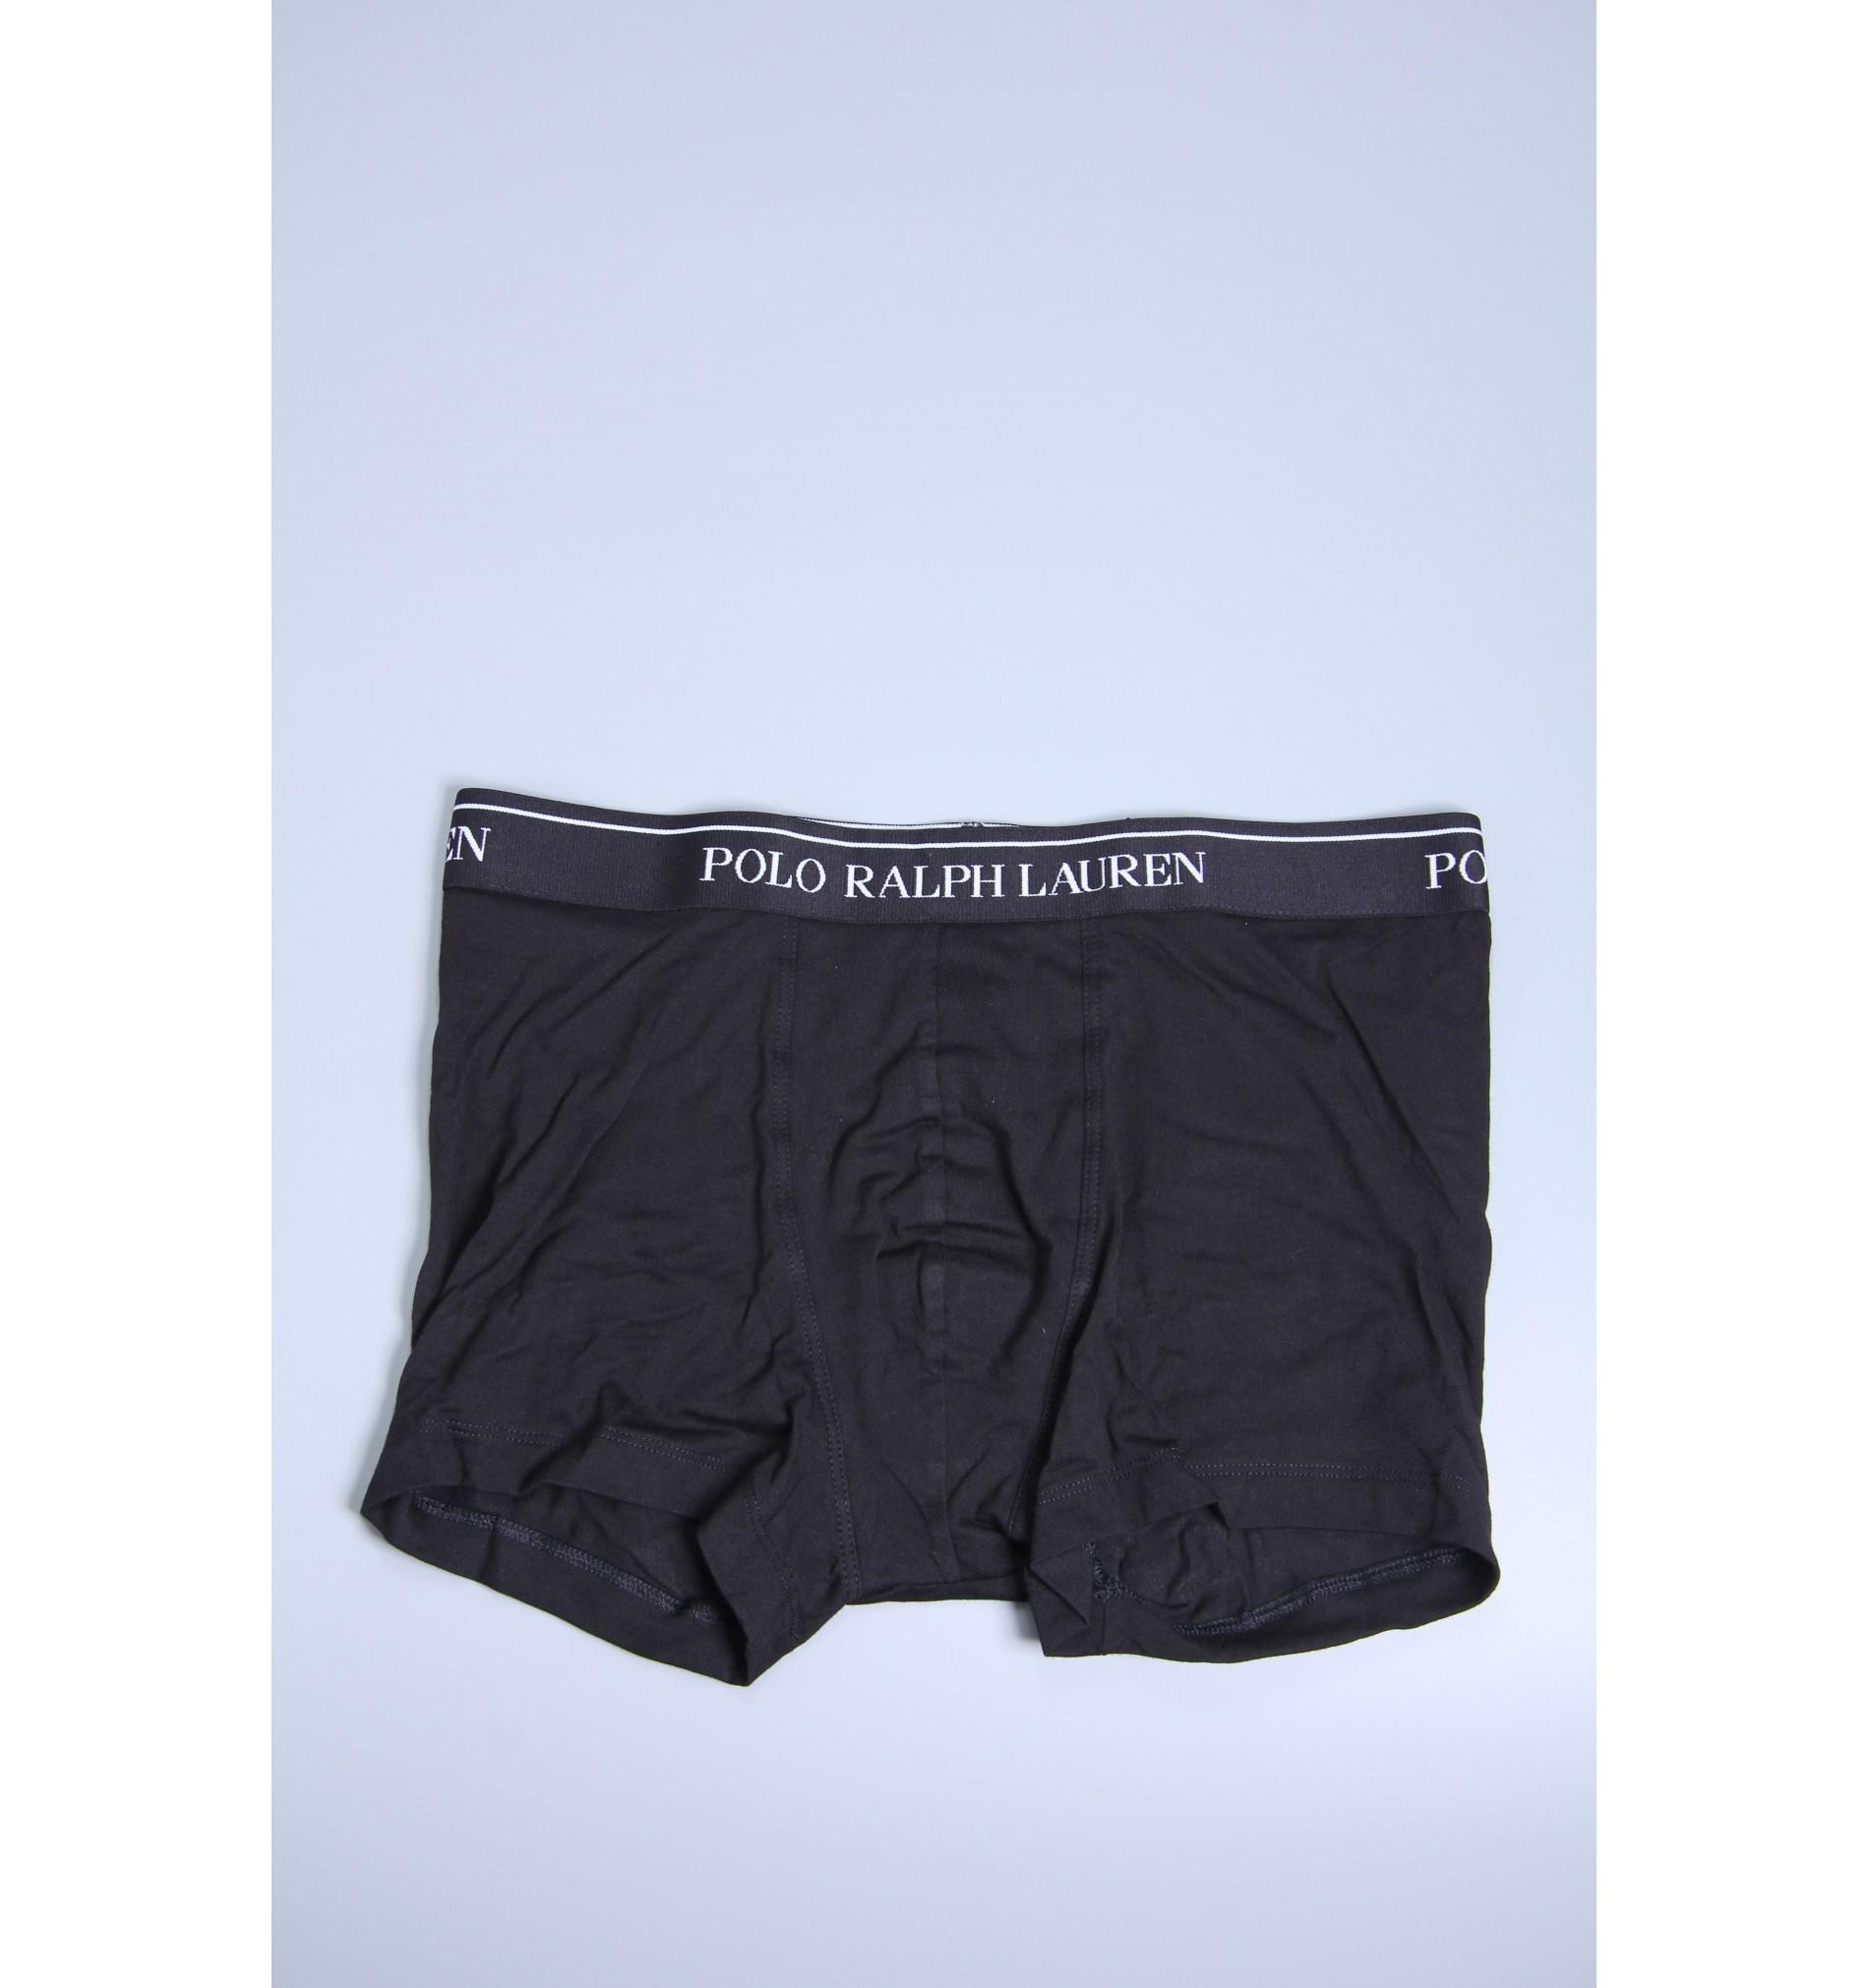 Polo boxerky '714621926-002' čierne  002